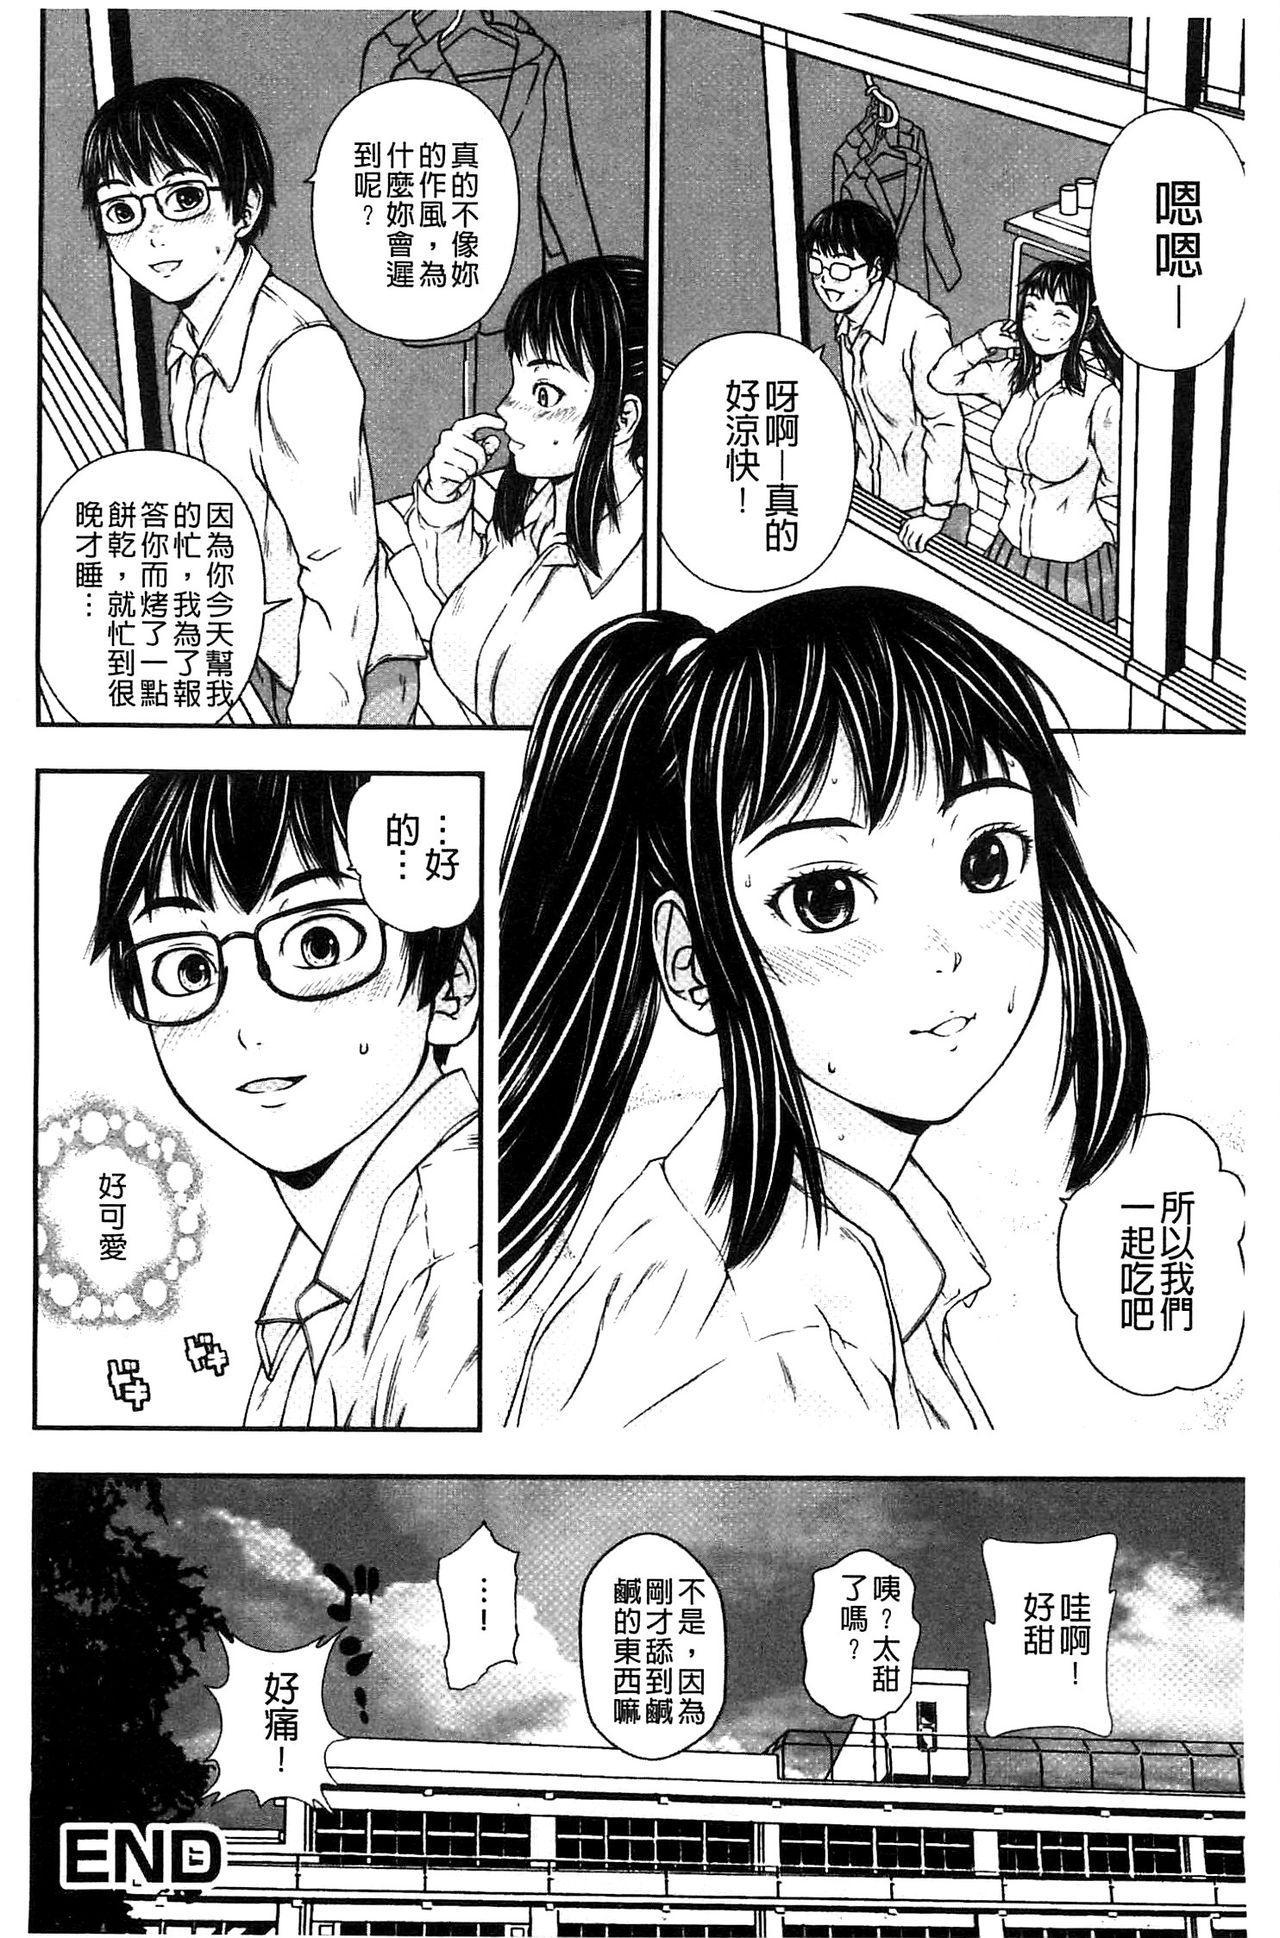 Koijirushi Love Milk | 戀印愛慾鮮乳 123